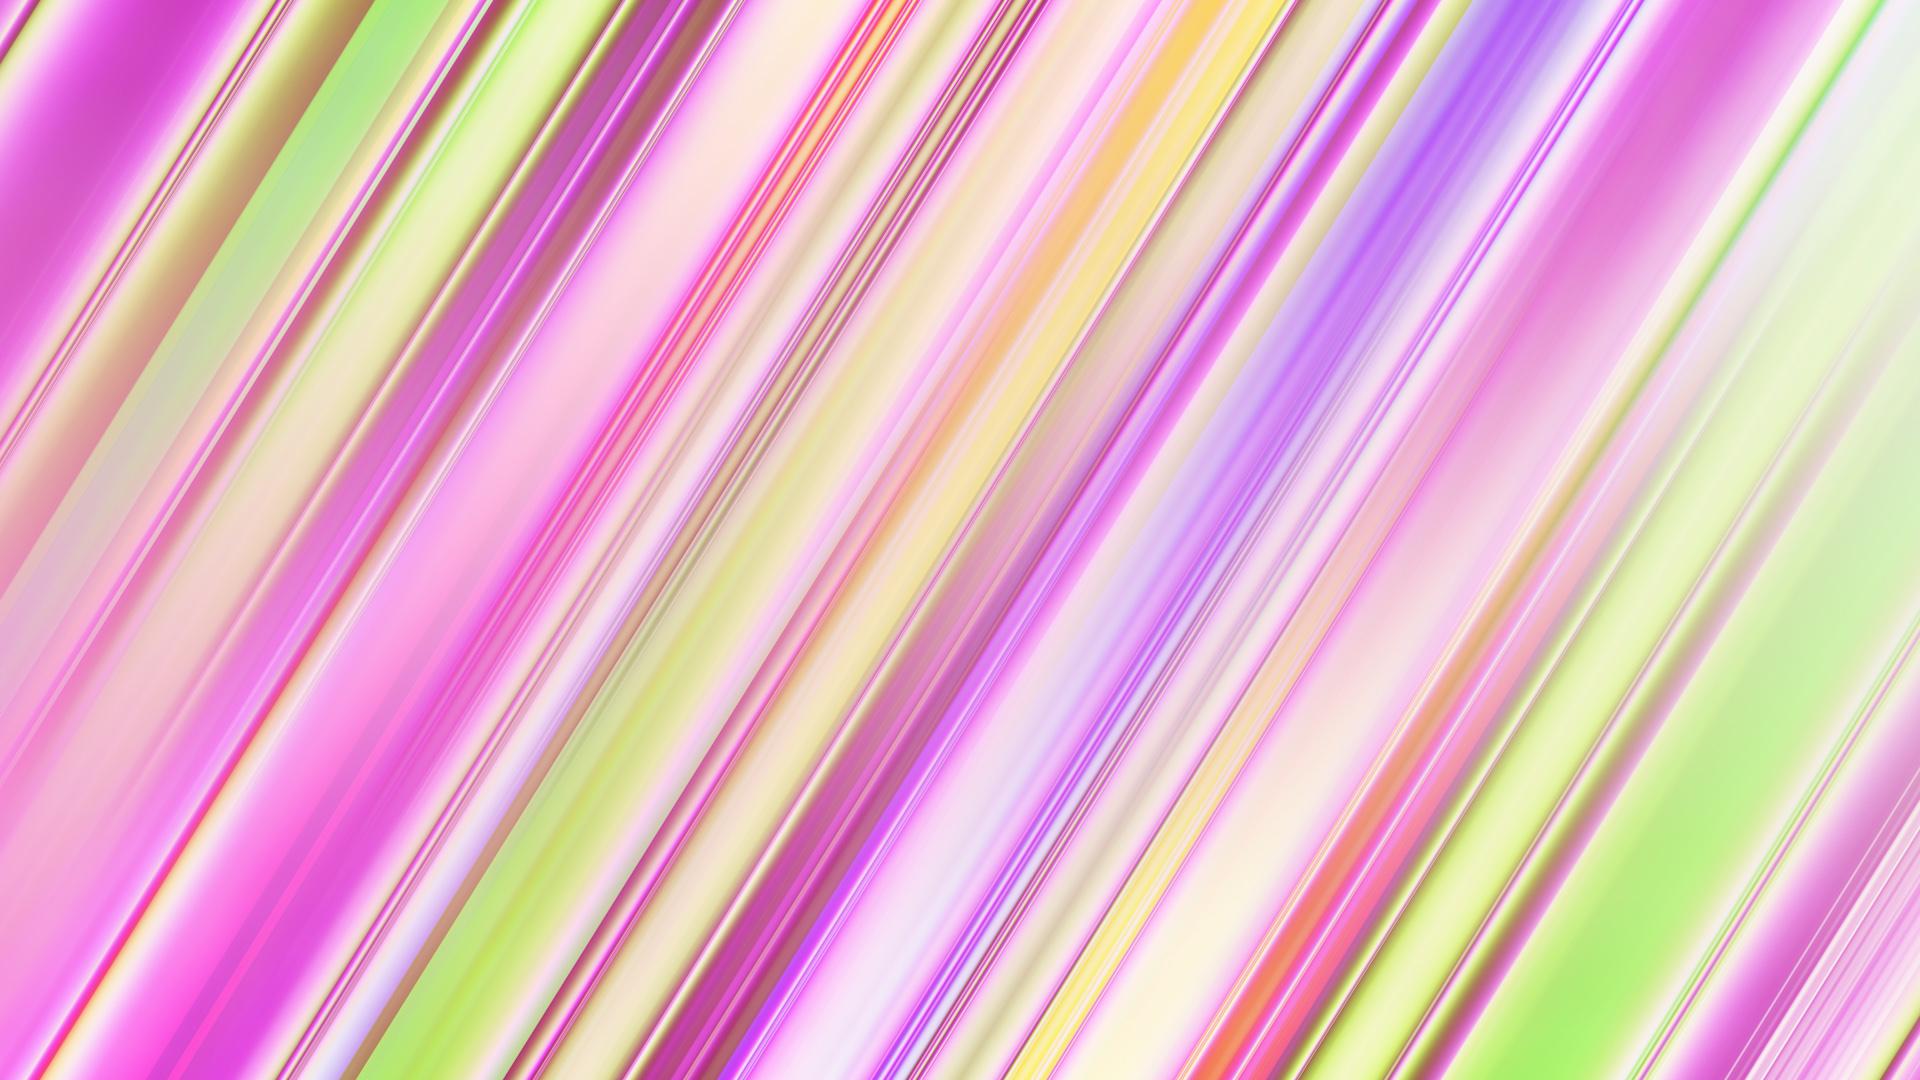 Pastel Gradient Lines Hd Wallpaper Hintergrund 1920x1080